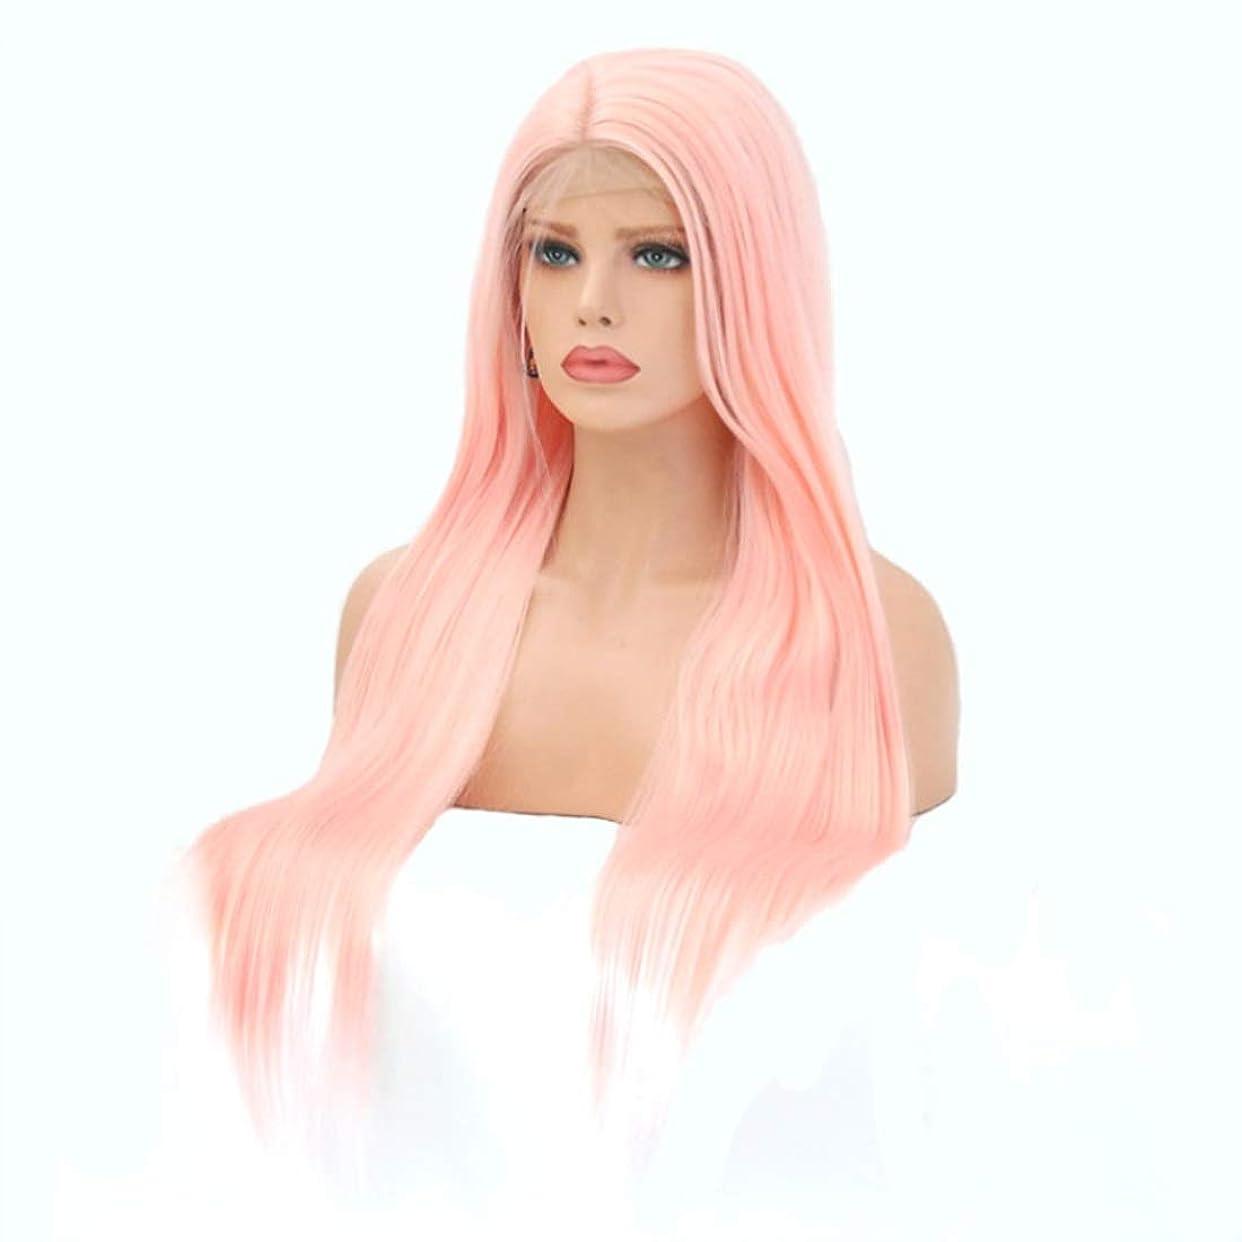 印象派耐久アクセルKoloeplf 女性のためのフロントレースウィッグピンクの長いストレートの髪の化学繊維ウィッグヘッドギア